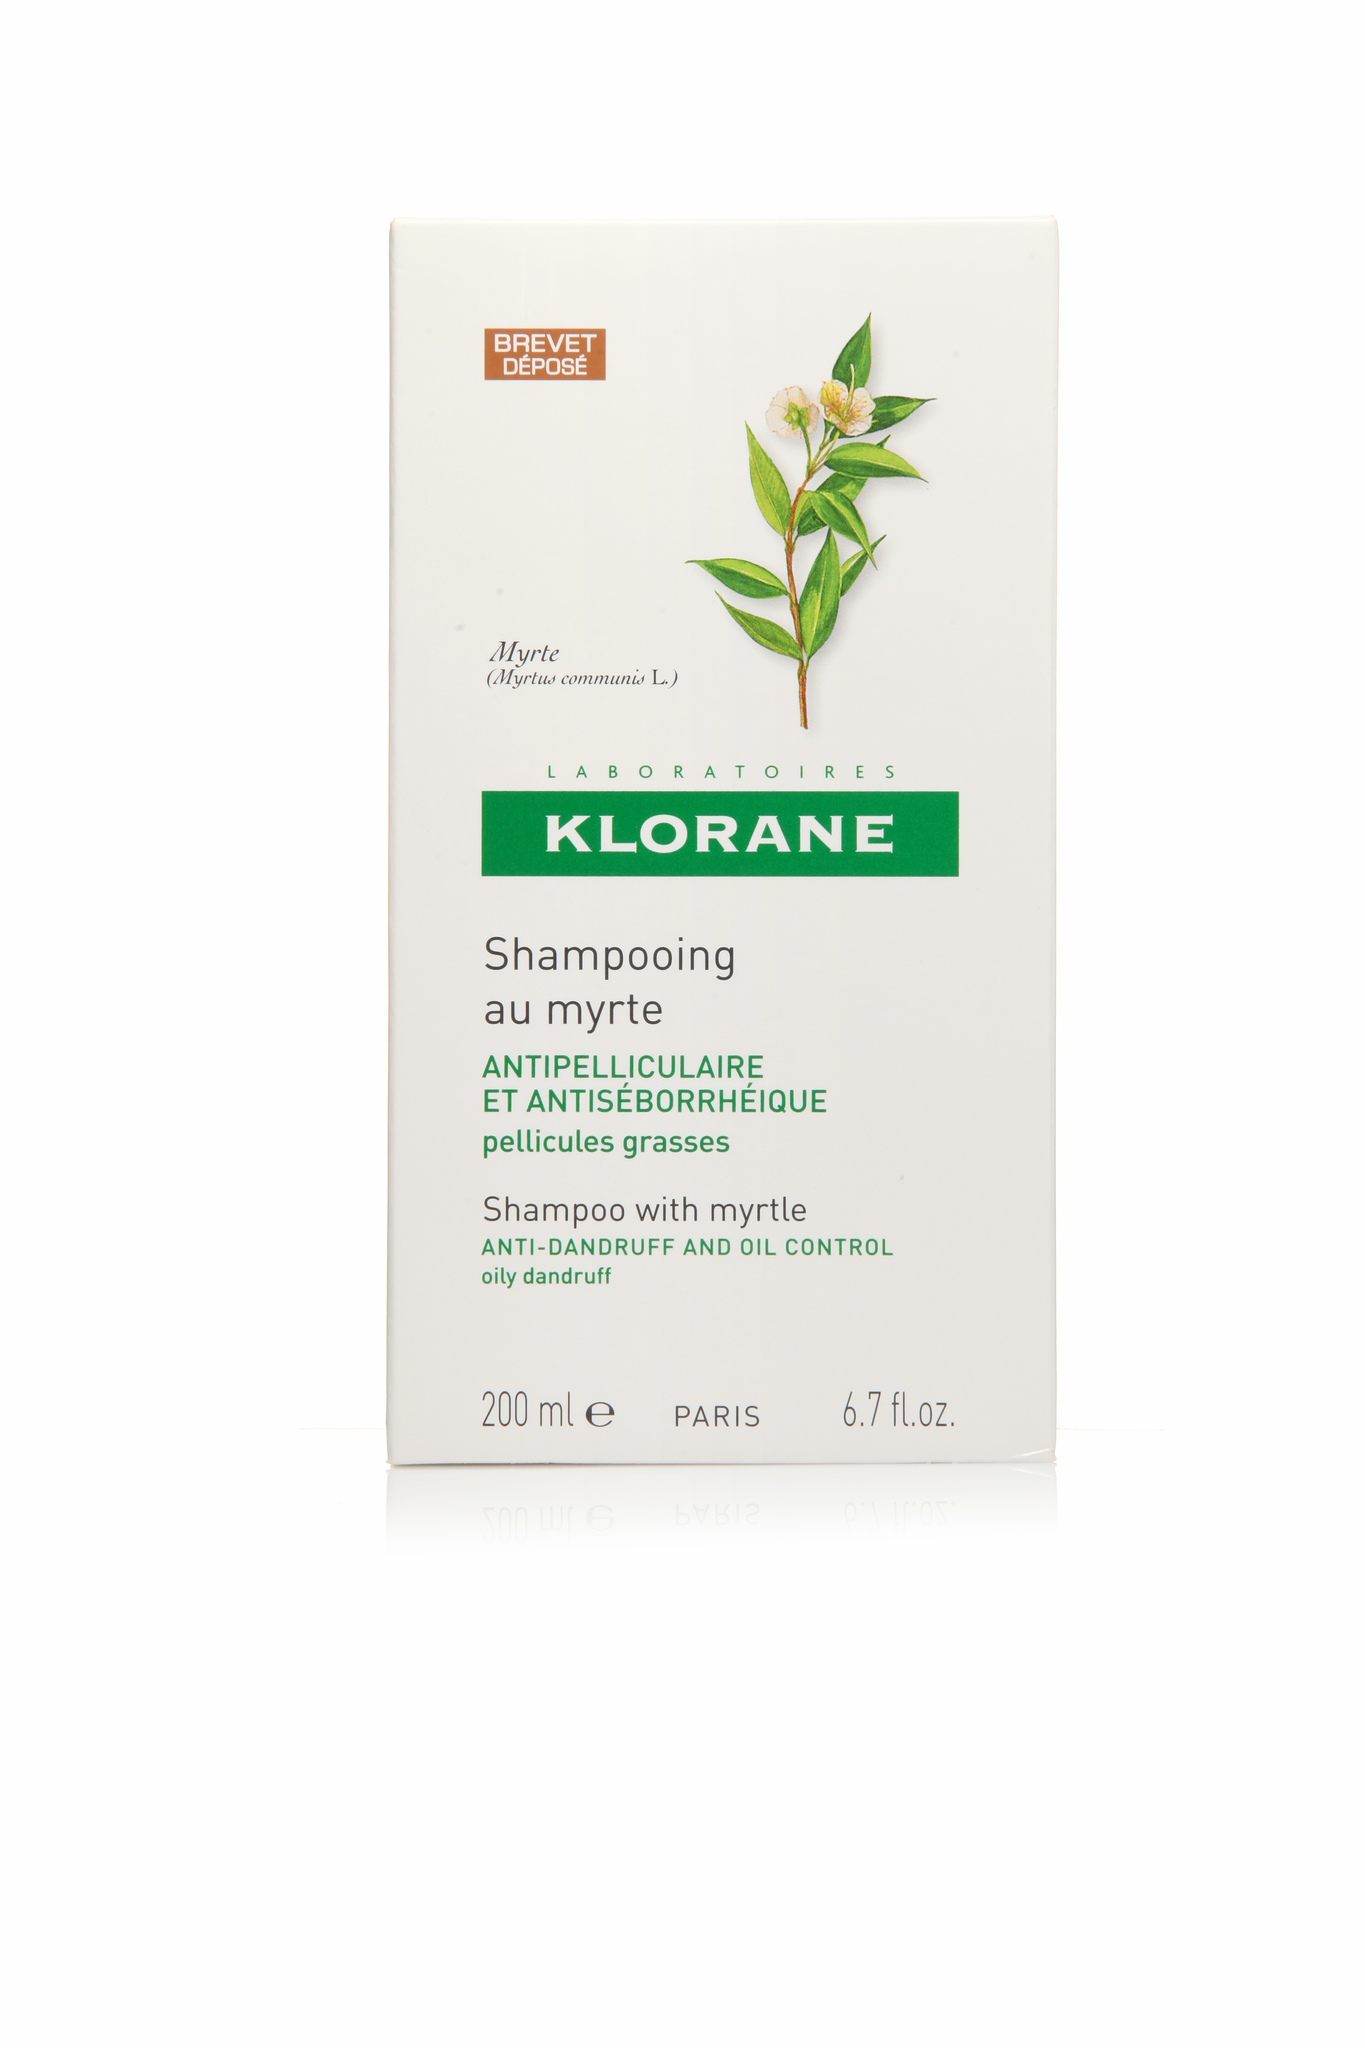 Klorane шампунь c экстрактом мирта от жирной перхоти 200 мл.